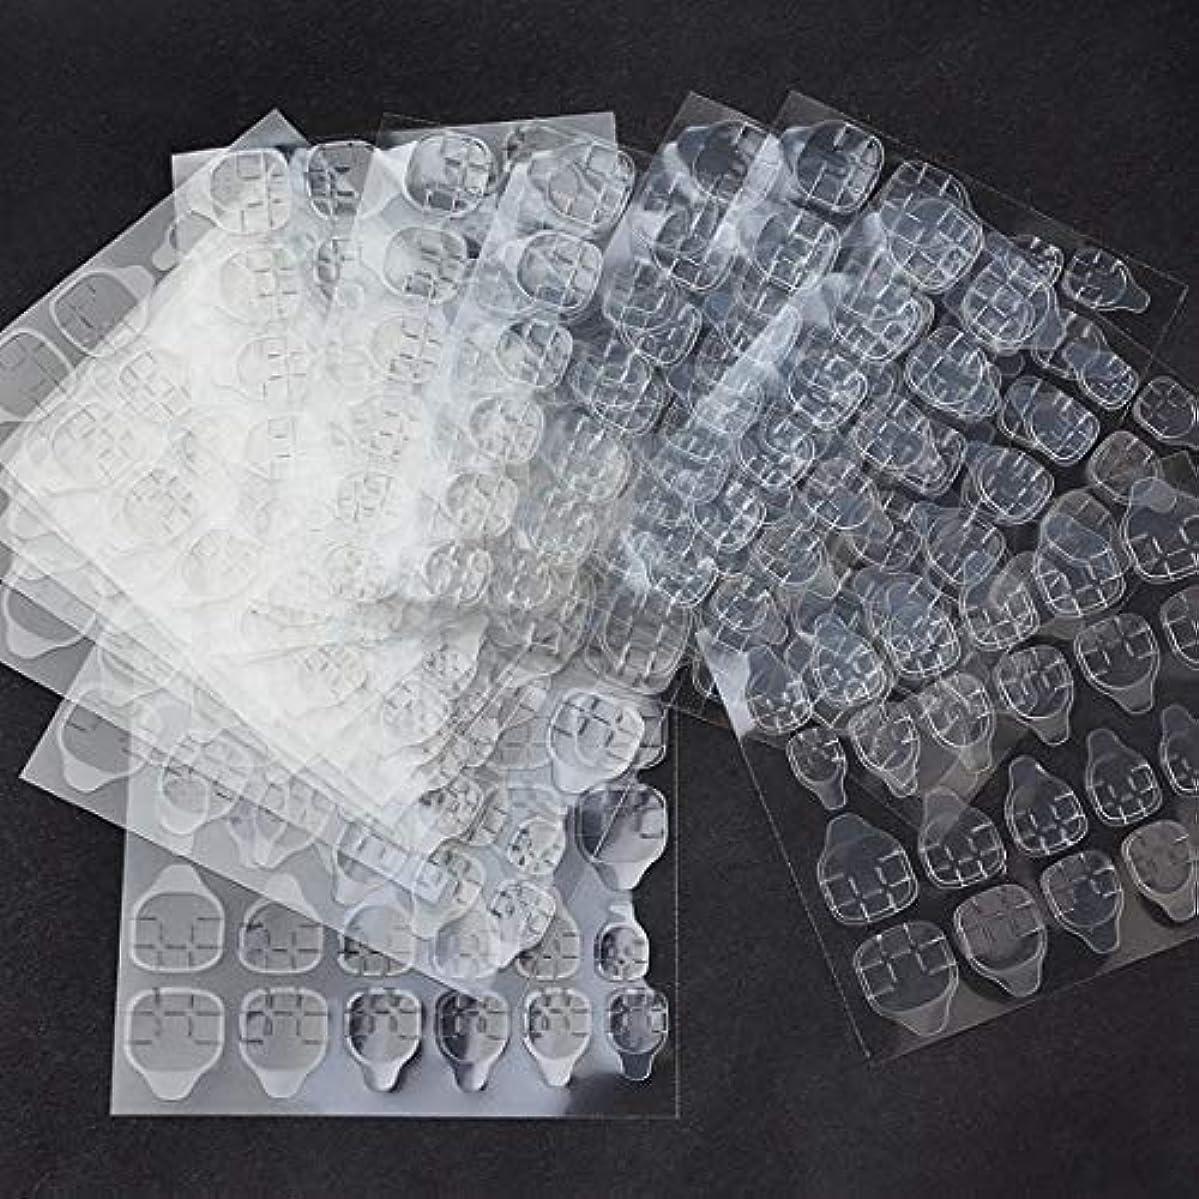 エキスパート貴重な誓うOWNFSKNL 10枚防水通気性透明超薄型両面接着タブネイルグルーステッカー偽ネイルのヒント